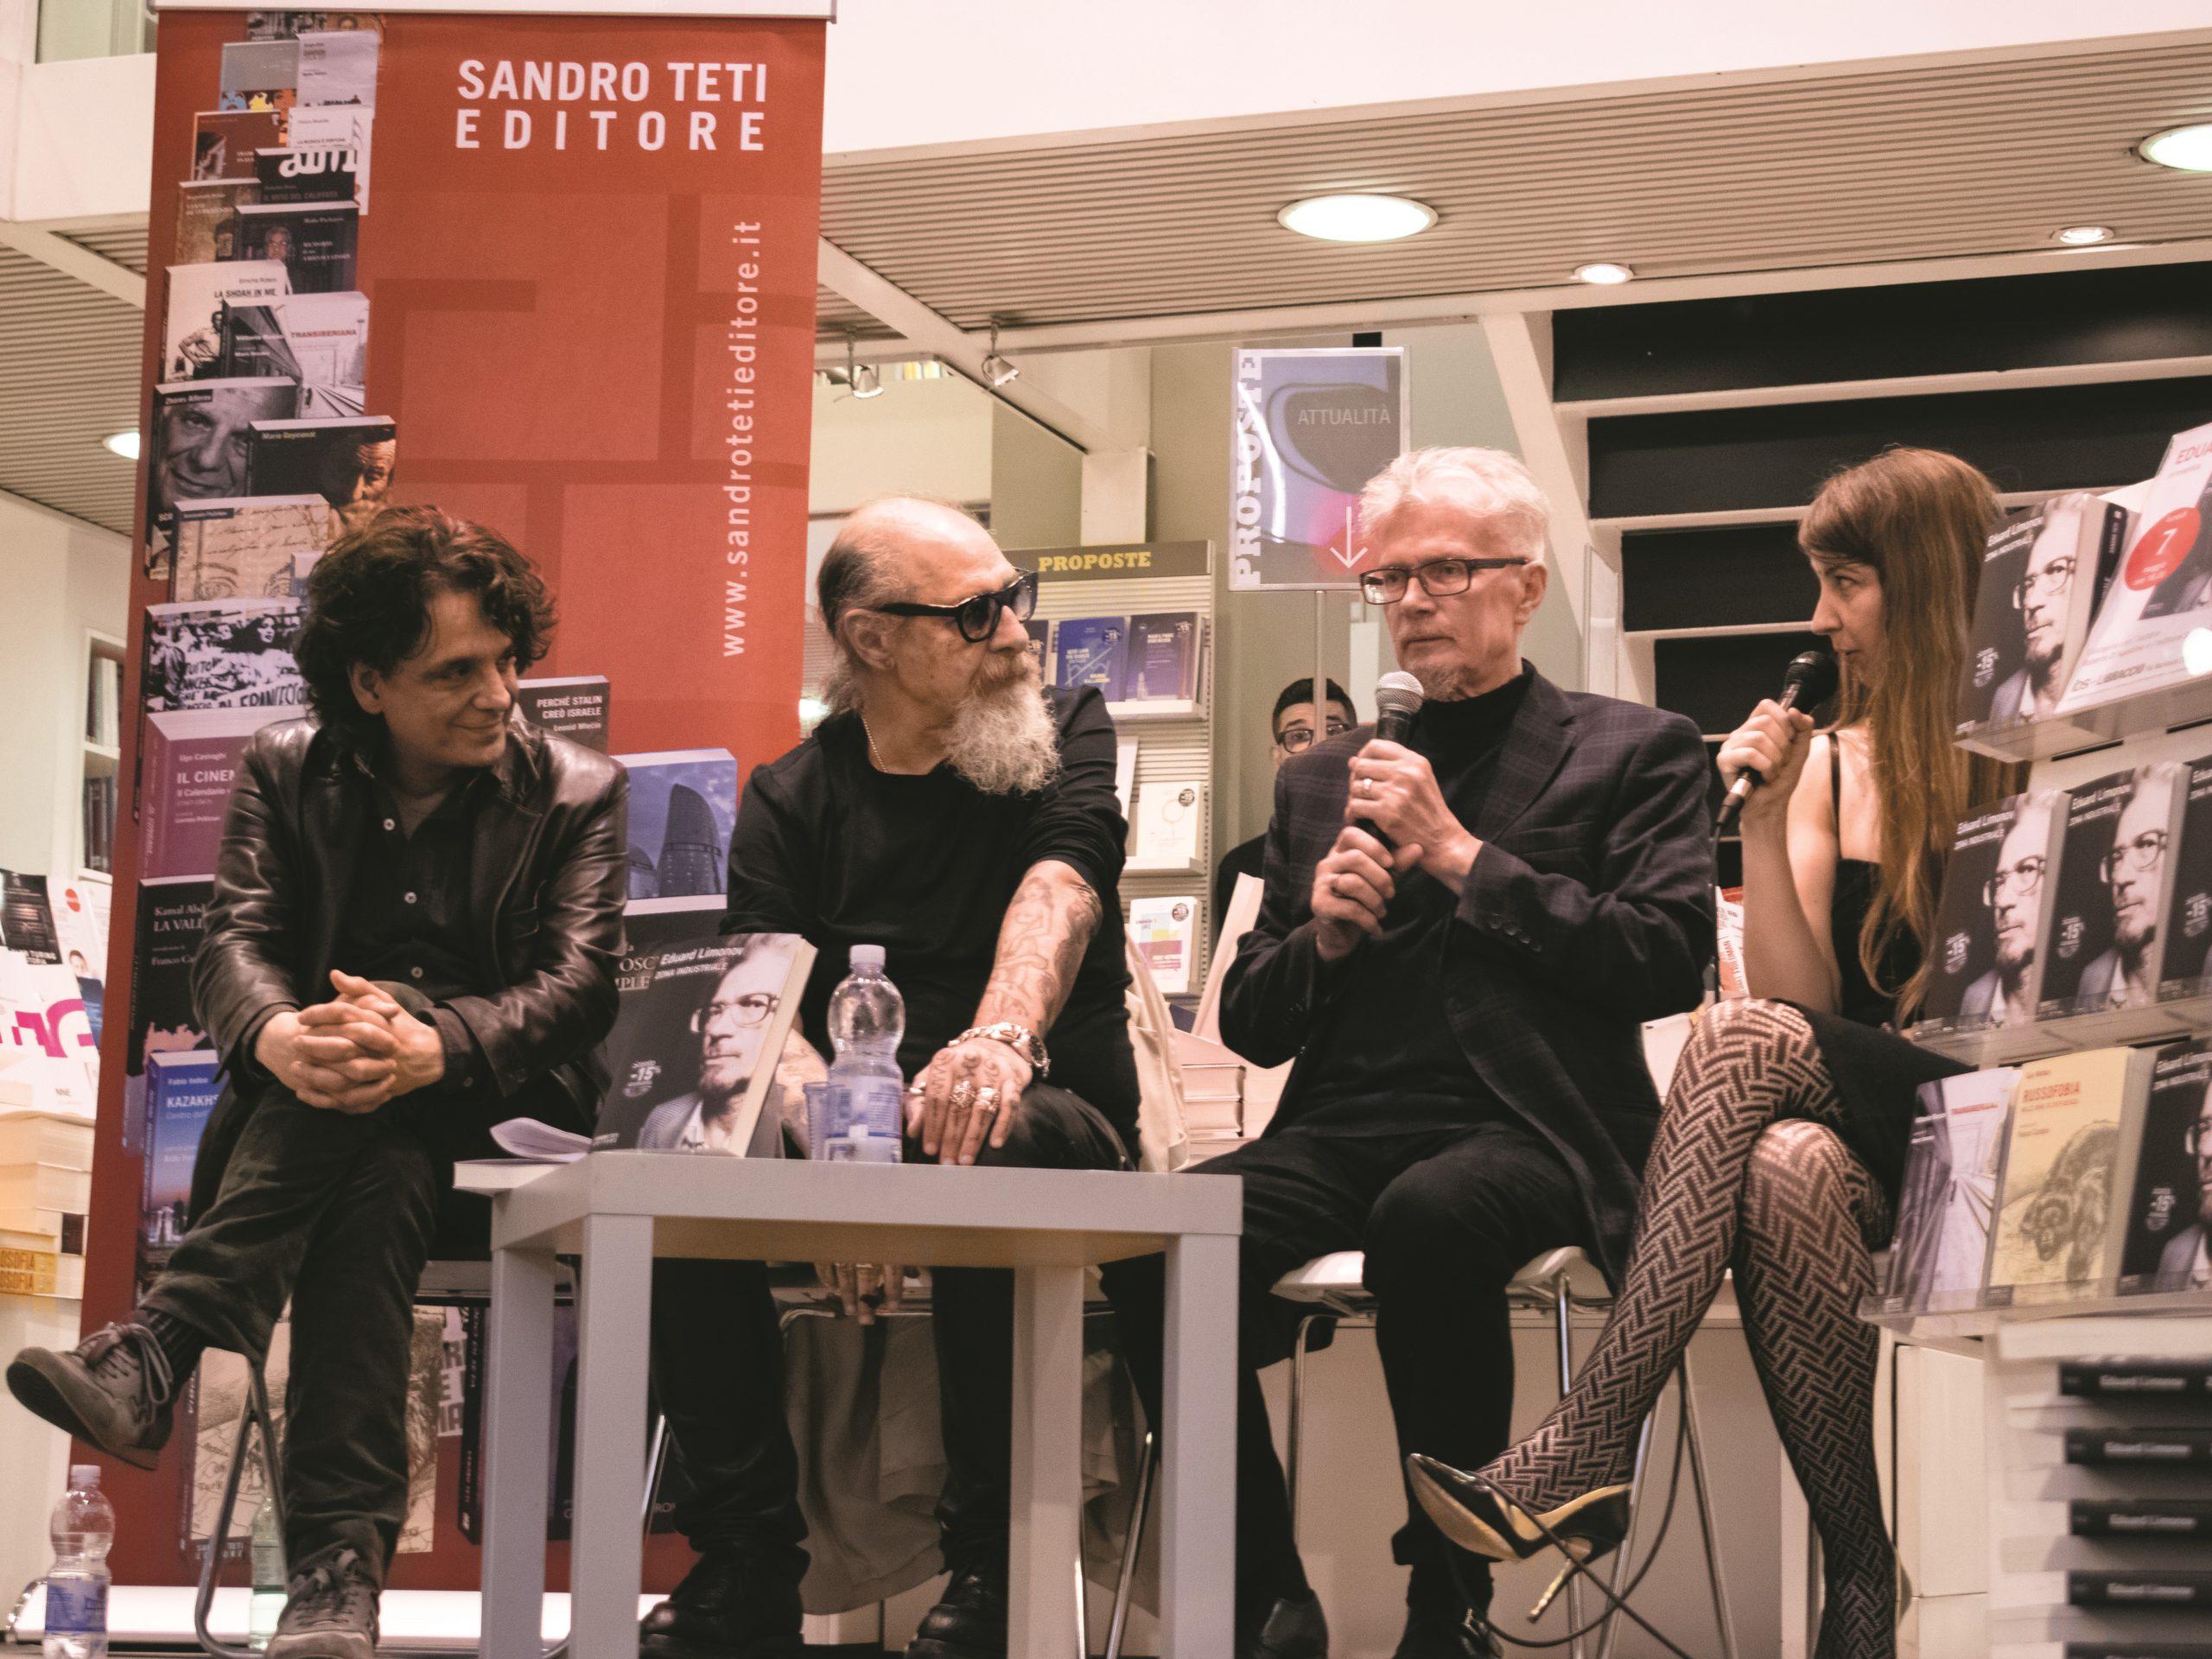 """Presentazione del libro di Eduard Limonov """"Zona industriale"""" presso IBS+Libraccio a Roma. Da sinistra: l'editore Sandro Teti; Roberto D'Agostino; l'autore E. Limonov e Olga Matsyna."""